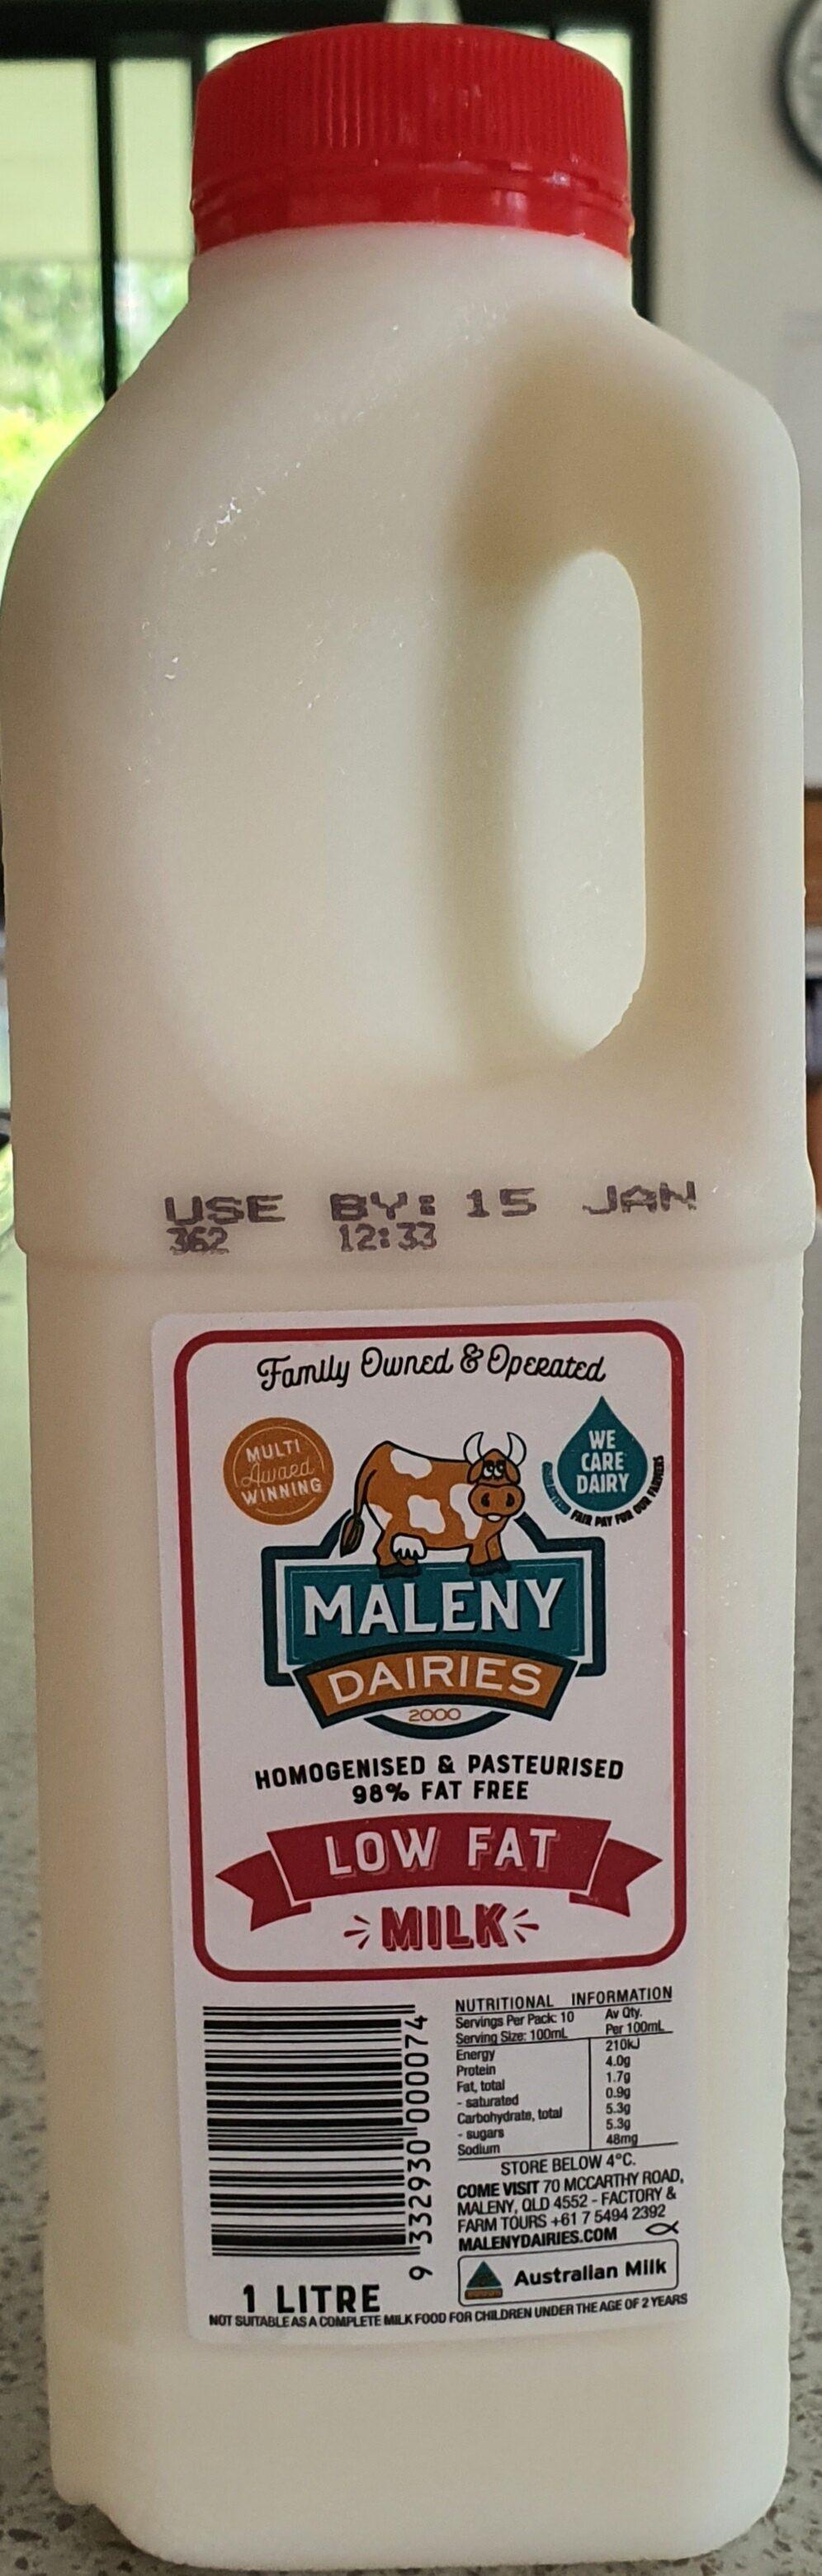 Maleny Dairies Low Fat Milk - Ingrediënten - en